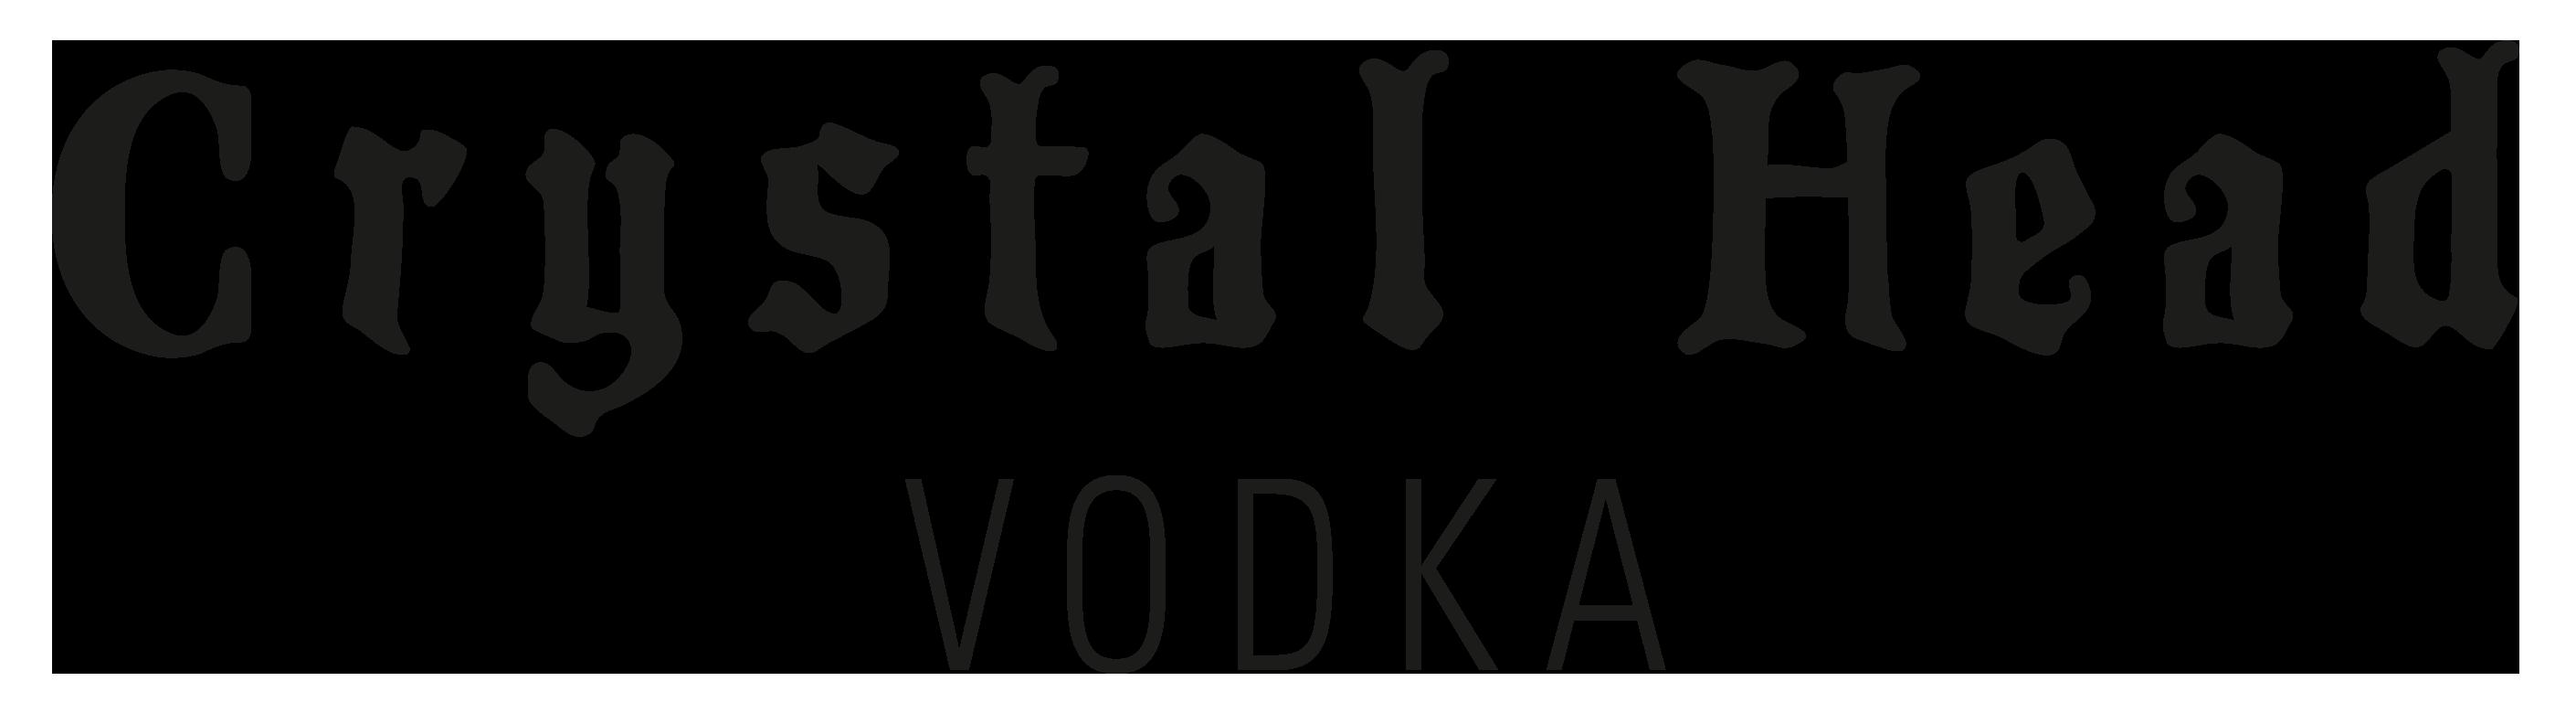 Crystal Head Vodka Glasses Uk